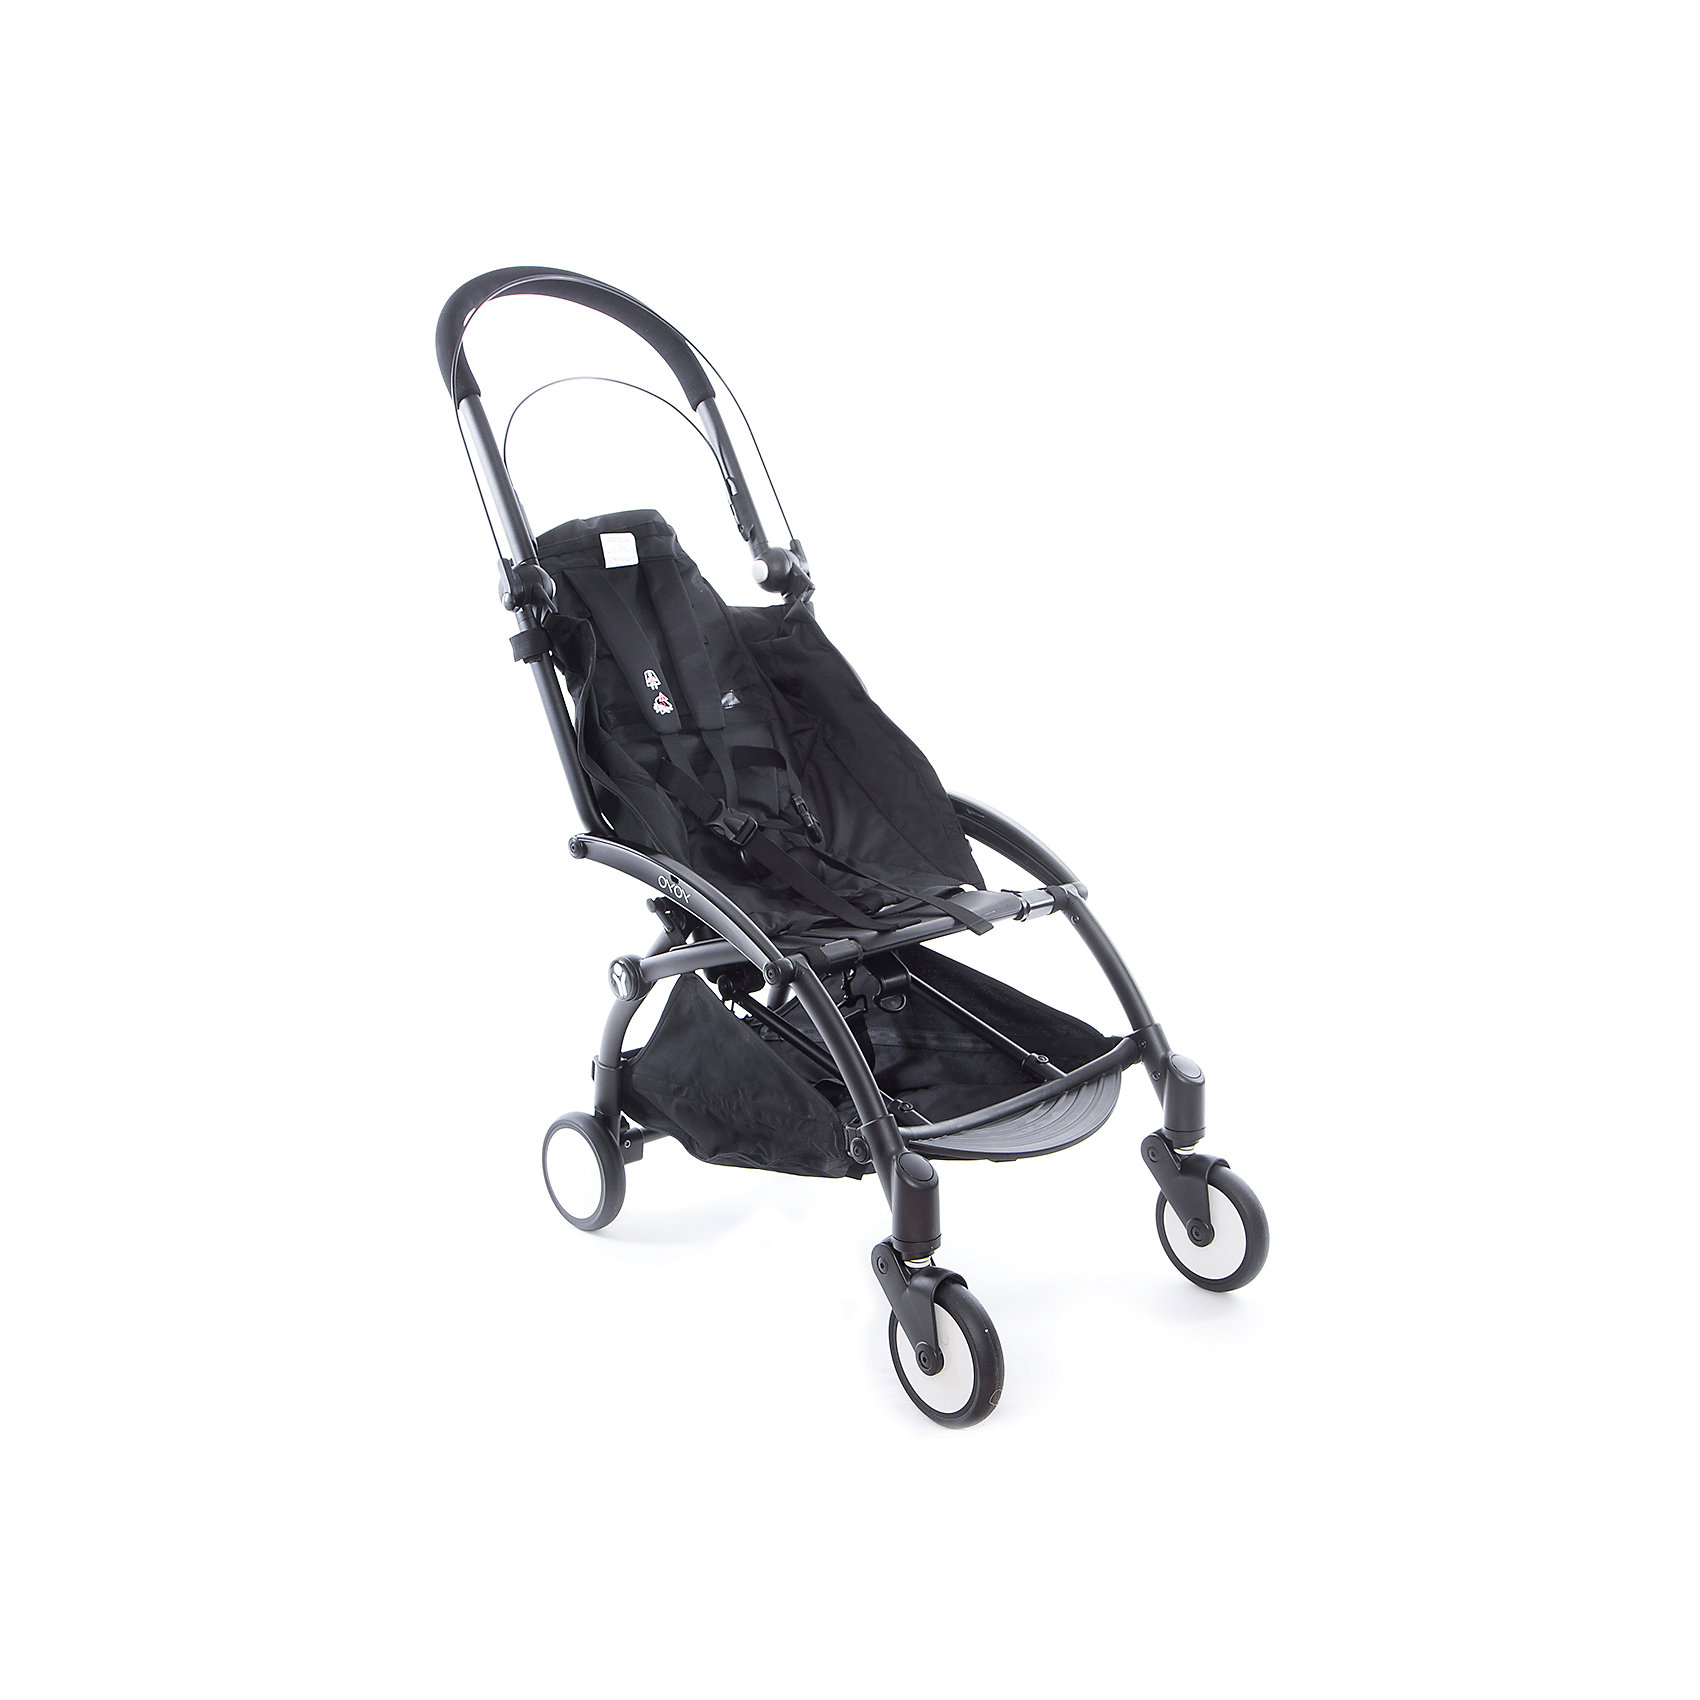 Прогулочная коляска Babyzen YOYO на черной раме,Прогулочные коляски<br>Характеристики коляски Babyzen YOYO:<br><br>• легкая и компактная, маневренная и удобная;<br>• коляска складывается одной рукой;<br>• прогулочный блок оснащен 5-ти точечными ремнями безопасности, регулируемые по длине и высоте;<br>• регулируемый наклон спинки: 3 положения, угол наклона 160 градусов;<br>• капюшон оснащен смотровым окошком;<br>• капюшон можно полностью опустить за прогулочное сиденье;<br>• чехлы прогулочного блока съемные, их можно стирать при температуре 30 градусов;<br>• колеса имеют независимую подвеску;<br>• передние поворотные колеса с антивибрационной системой: колеса не нужно блокировать вручную;<br>• ножной тормоз, педаль на задней оси коляски, блокировка сразу двух задних колес;<br>• коляска складывается по типу «книжка», устойчива в вертикальном положении в сложенном виде, имеется фиксатор от случайного раскладывания;<br>• в сложенном виде рама коляски оснащена ремешком с мягкой накладкой, чтобы сложенную коляску удобно было переносить на плече;<br>• коляска раскладывается одной рукой: мамочка может и ребенка держать на руках, и коляску разложить без особых трудностей;<br>• материал: алюминий, пластик, полиэстер, полиуретан;<br>• диаметр колес: 13 см<br><br>Компактная коляска помещается в отделении ручной клади в самолете, между сиденьями в поезде или в машине. Коляска с ремешком для переноски на плече позволяет пройтись с малышом по магазинам, устроиться в уютном кафе. Коляска маневренна, с функцией «плавный ход», простая в использовании. <br><br>Размер коляски: 44х86х106 см<br>Размер коляски в сложенном виде: 52x44x18 см<br>Вес коляски: 5,9 кг<br>Вес в упаковке: 7,4 кг<br><br>Комплектация:<br><br>• прогулочная коляска YOYO;<br>• дождевик;<br>• 2 дуги для капюшона;<br>• корзина для покупок;<br>• ремешок с подкладкой для плеча<br>• сумка для транспортировки коляски в сложенном виде;<br>• инструкция. <br><br>Прогулочную коляску YOYO на черной раме, Babyzen можно купить в н